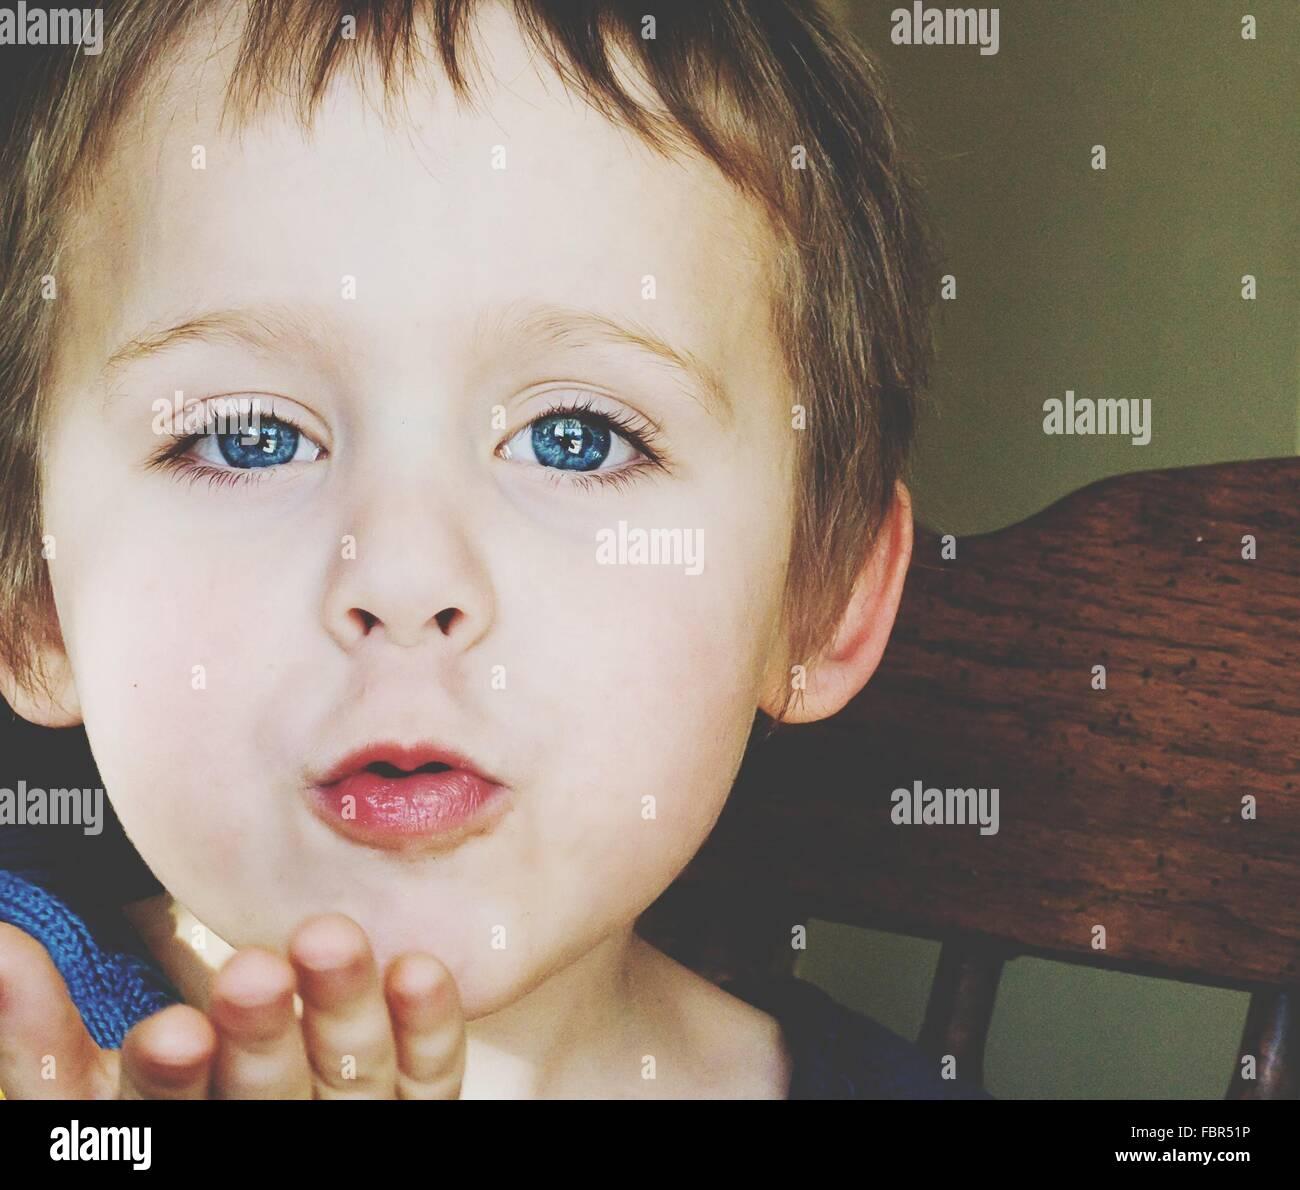 Porträt von niedlichen Blue Eyed Boy weht einen Kuss Stockbild